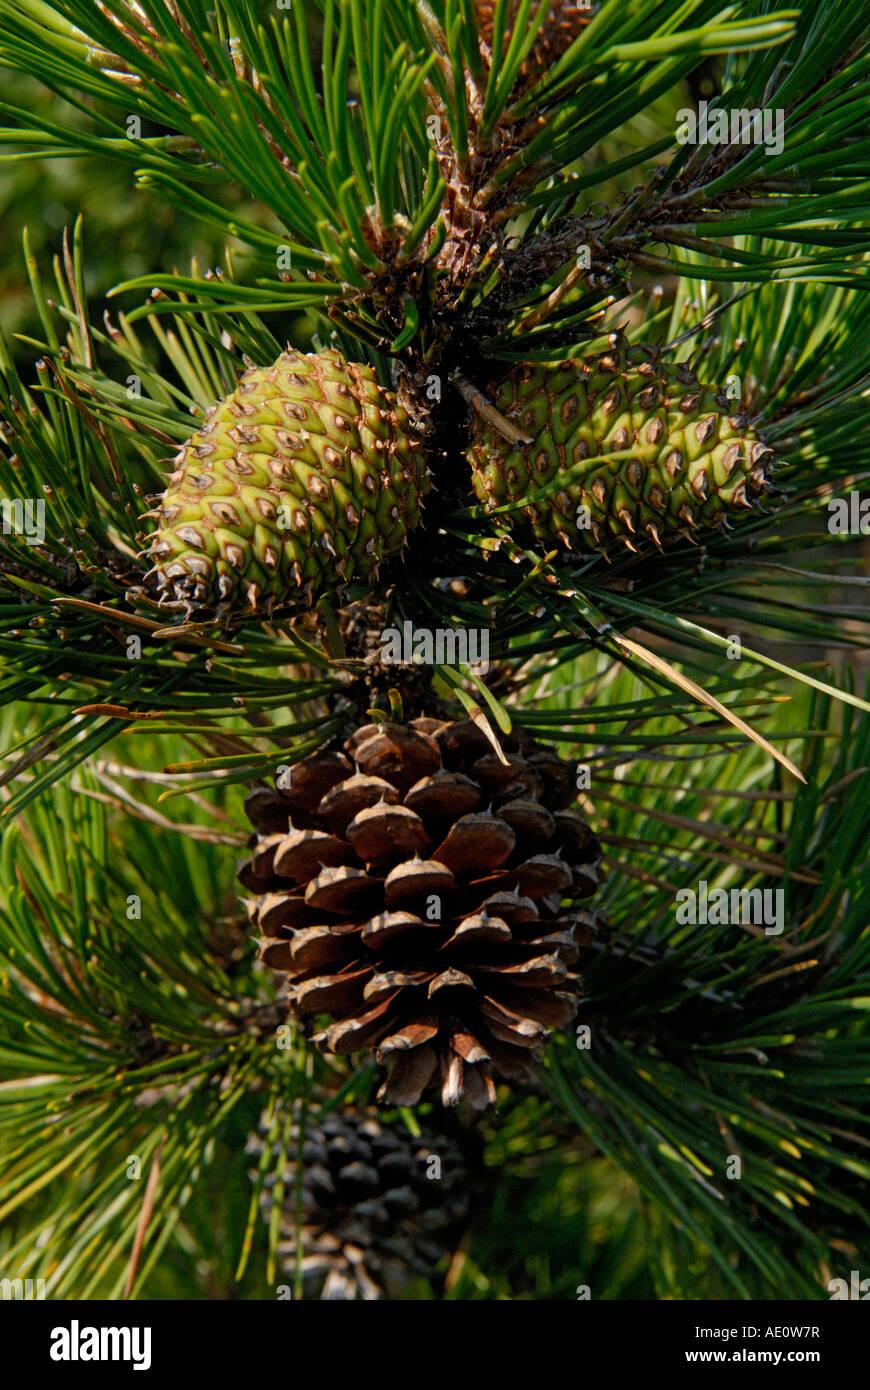 Pine cones, female cones, pitch pine tree, Pinus rigida - Stock Image